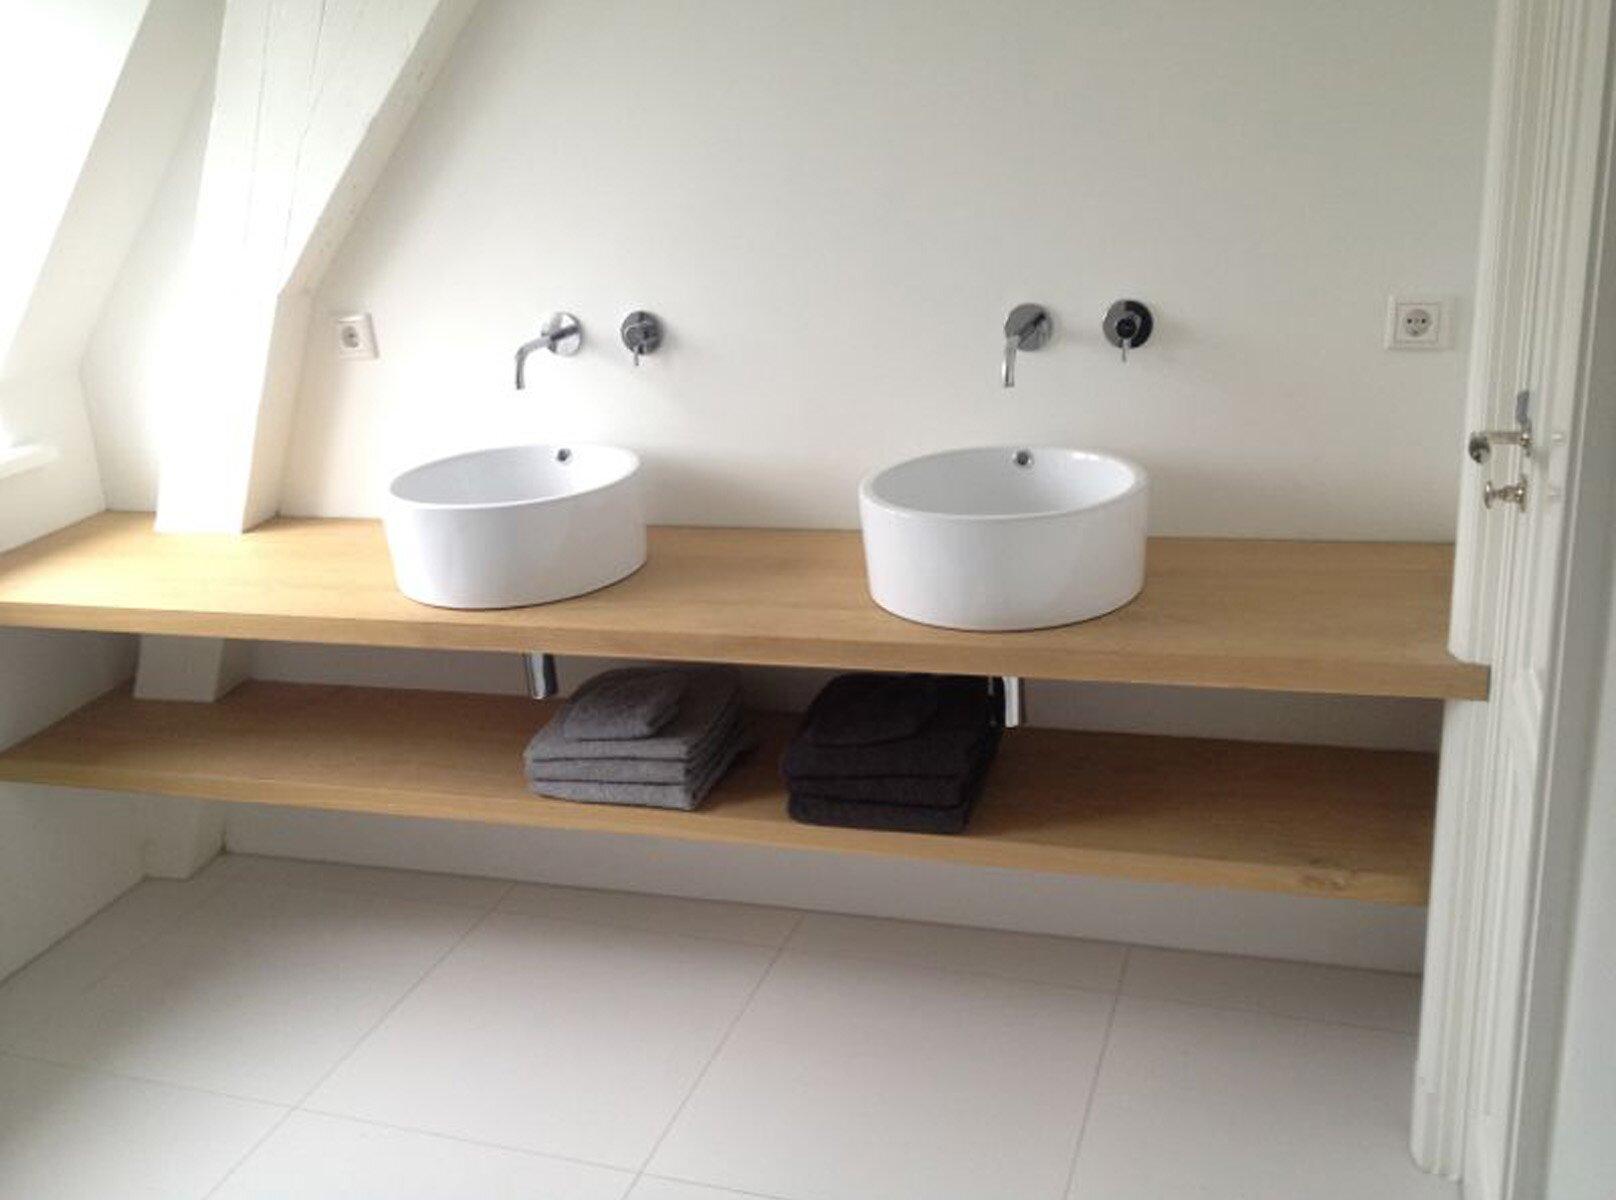 Badkamermeubel Met Badkamer : Eiken badkamermeubel badkamer ontwerp bij nieuwbouw en renovatie